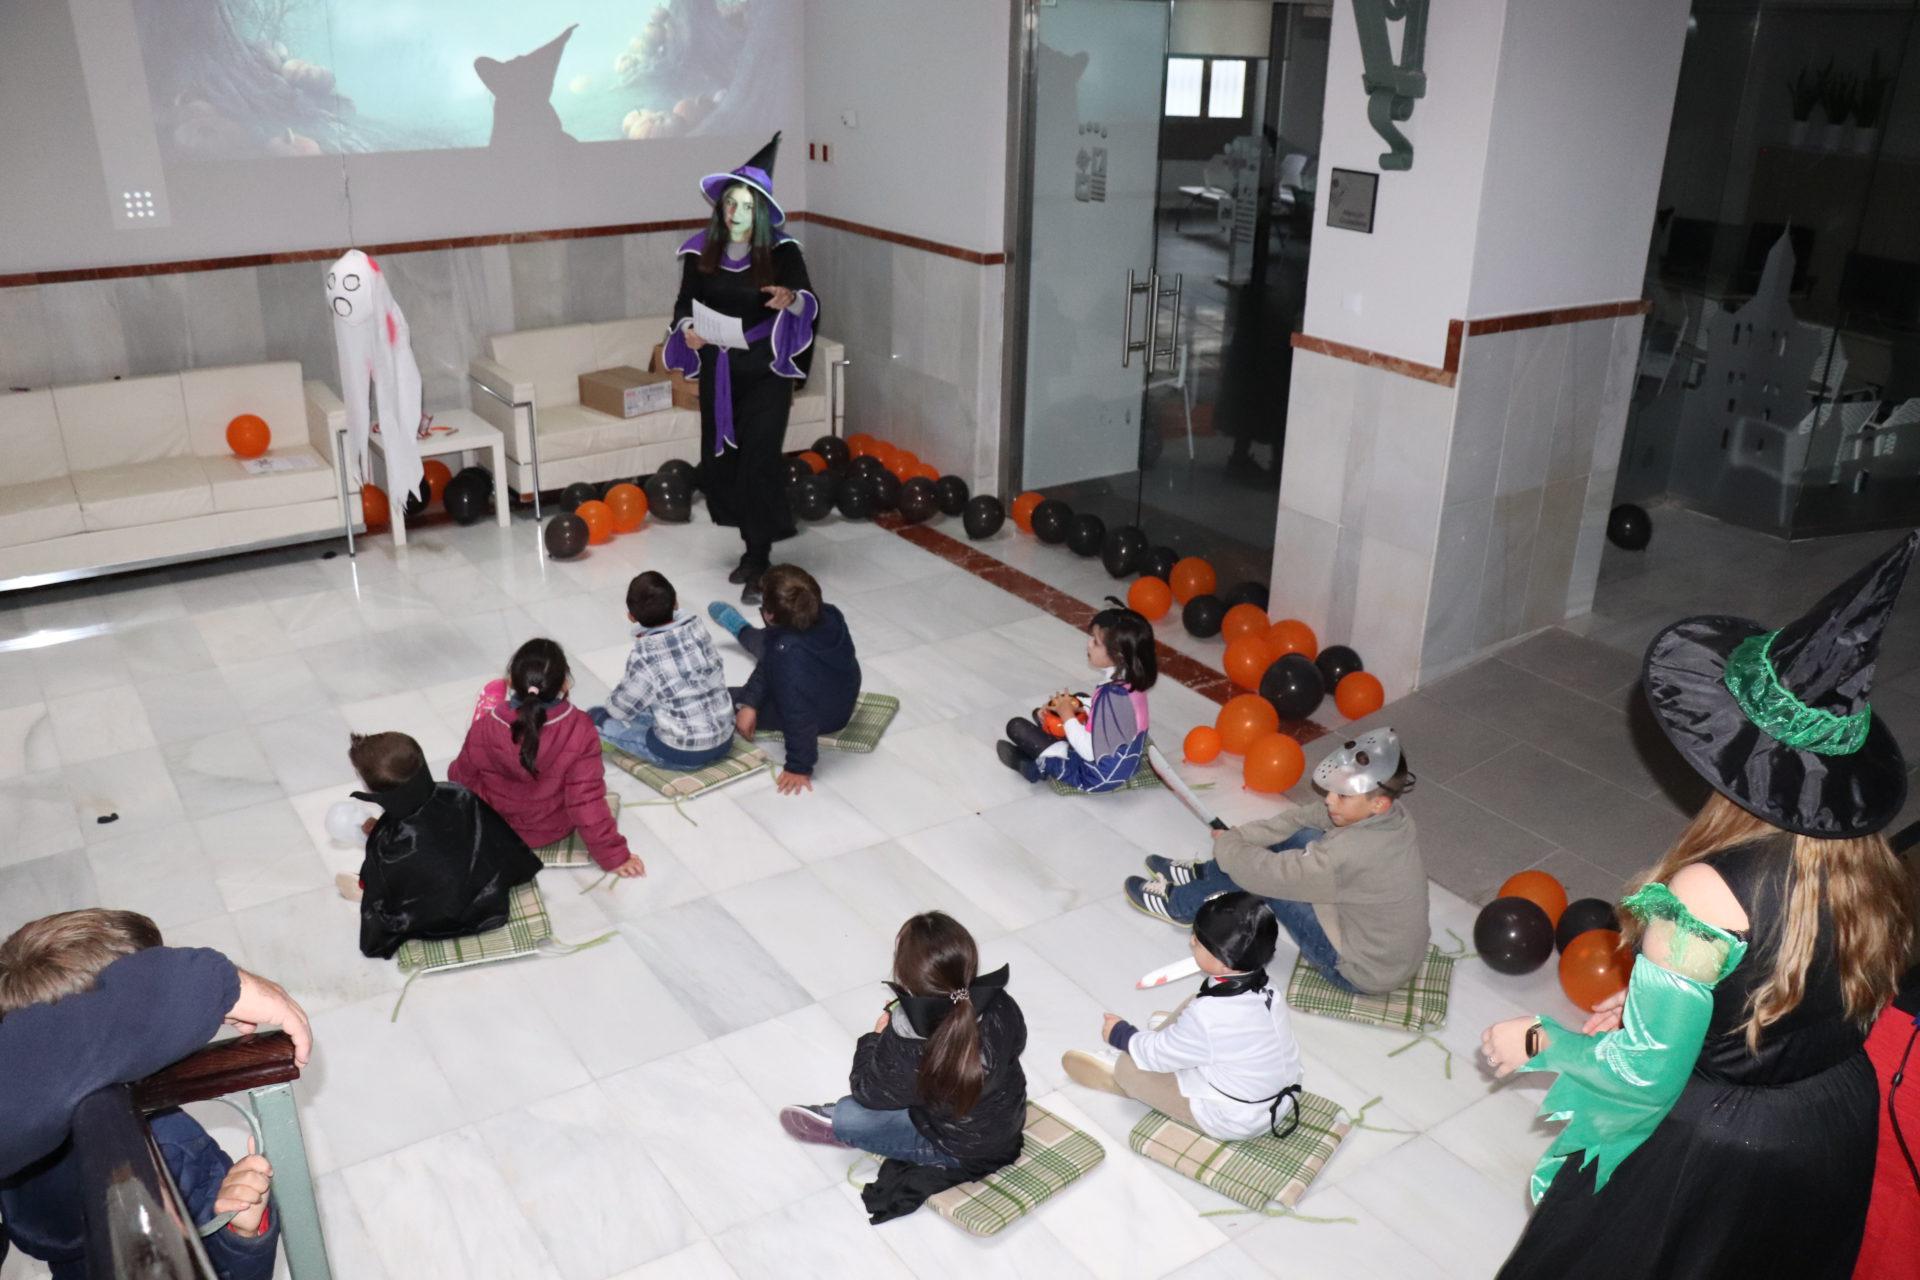 Pasacalles, cuentacuentos infantiles, escape room y otras actividades en la fiesta Halloween